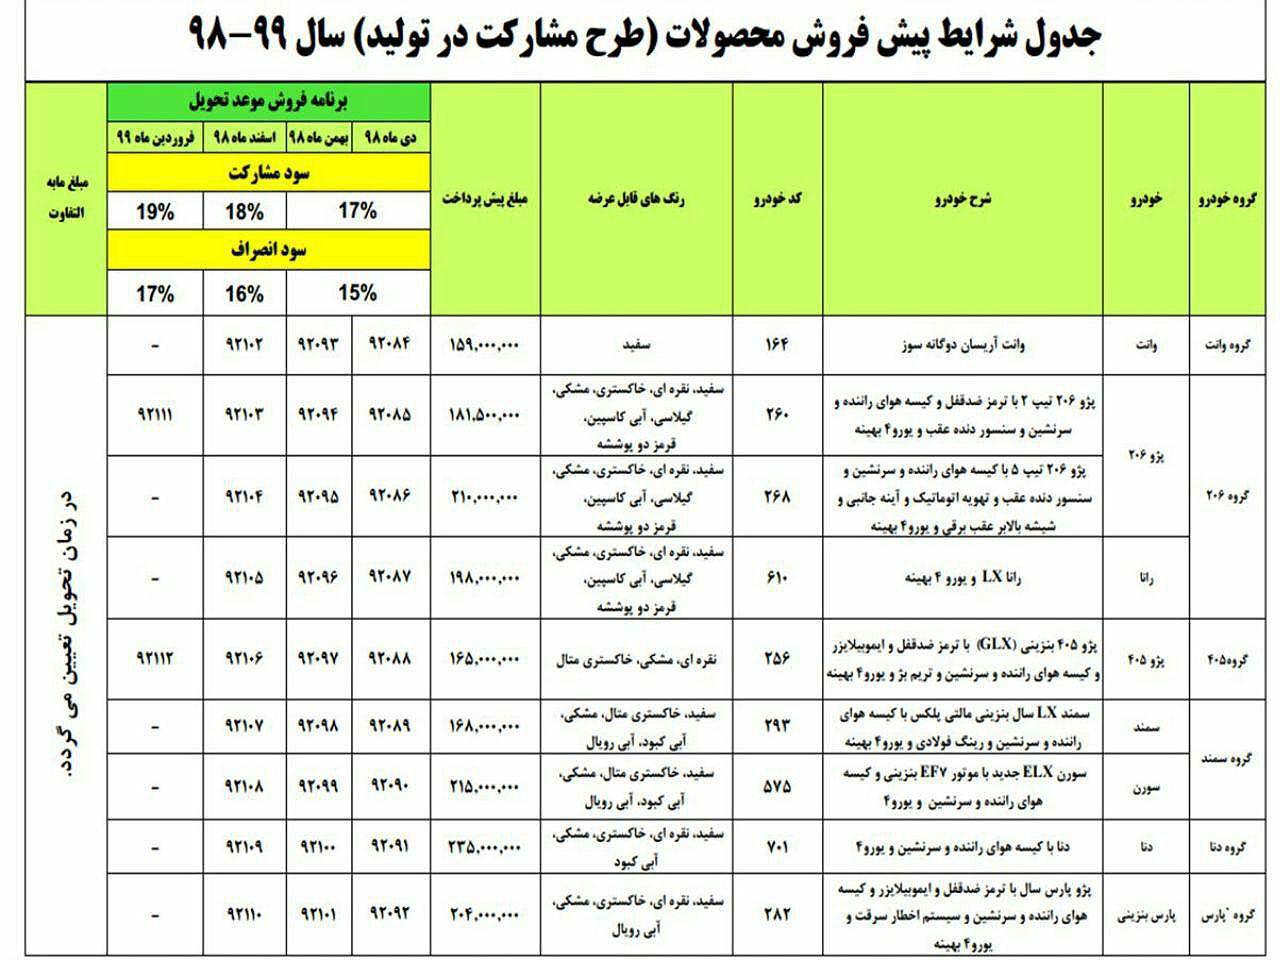 پیش فروش جدید ایران خودرو ۲۹ مهرماه ۱۳۹۷ خواهد بود